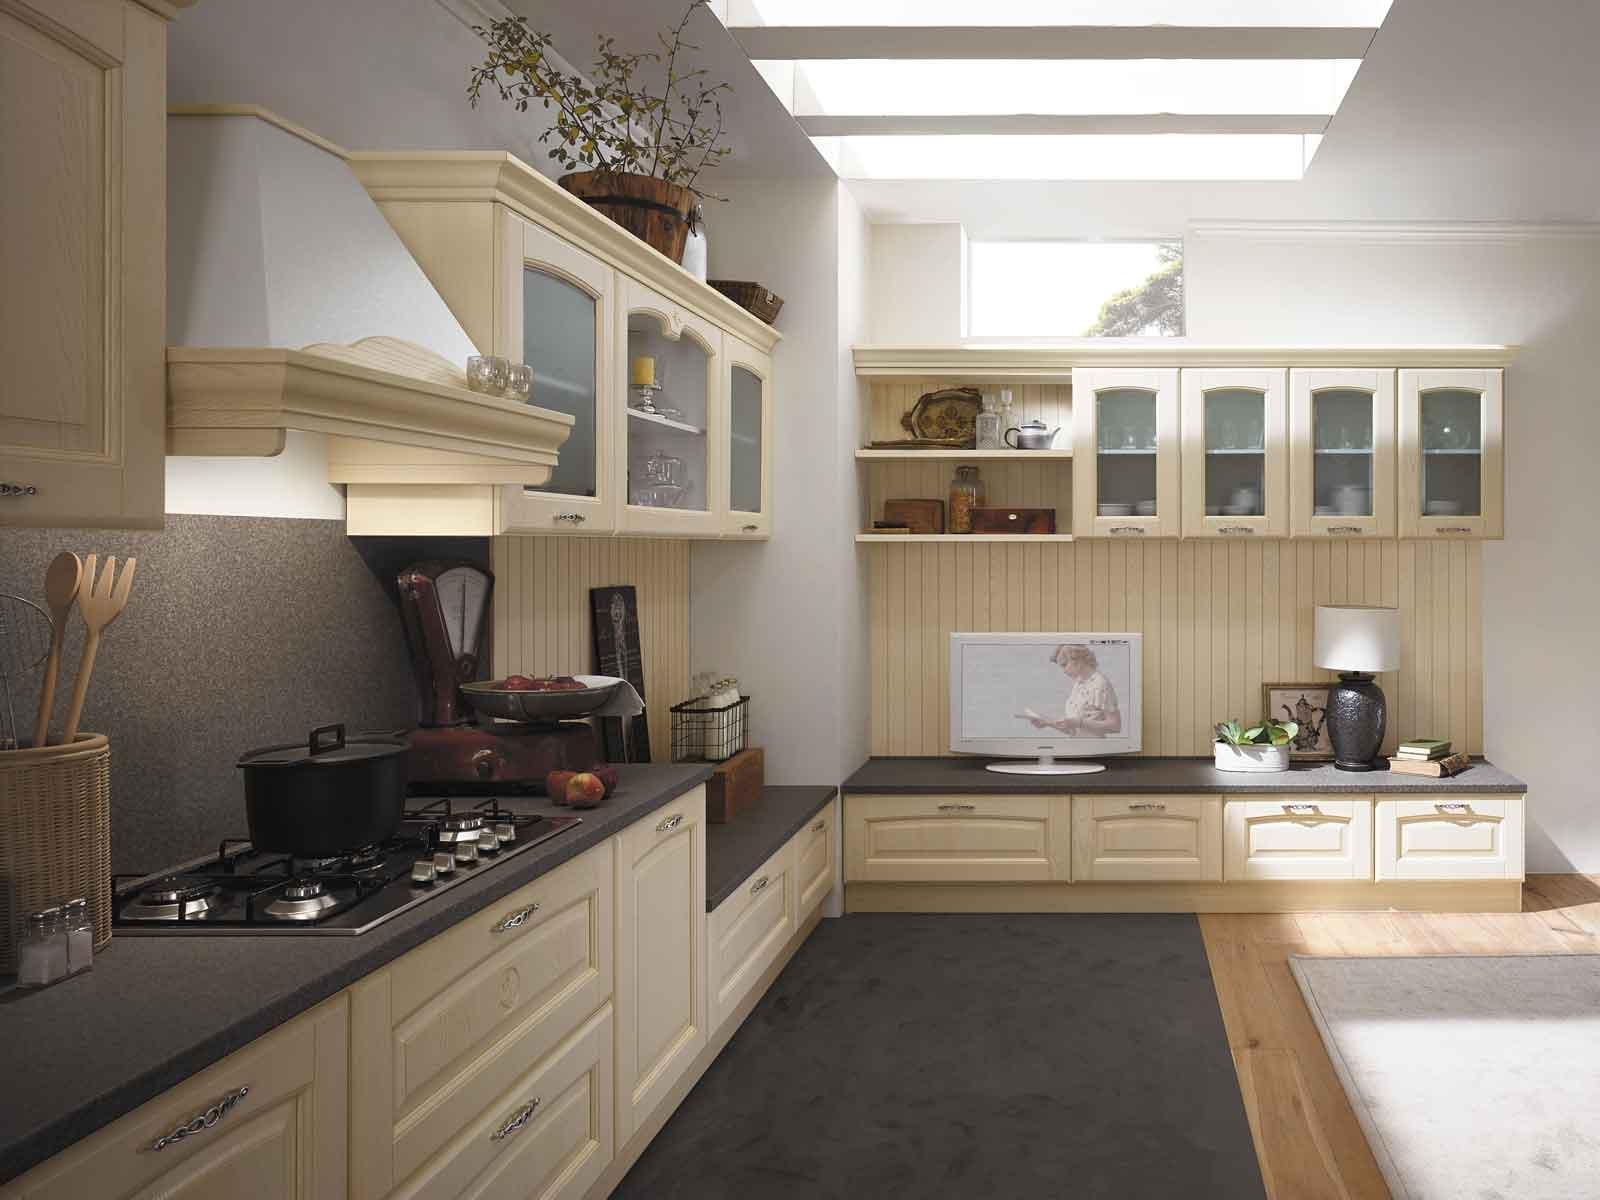 Cucina e soggiorno in un unico ambiente: 3 stili - Cose di Casa